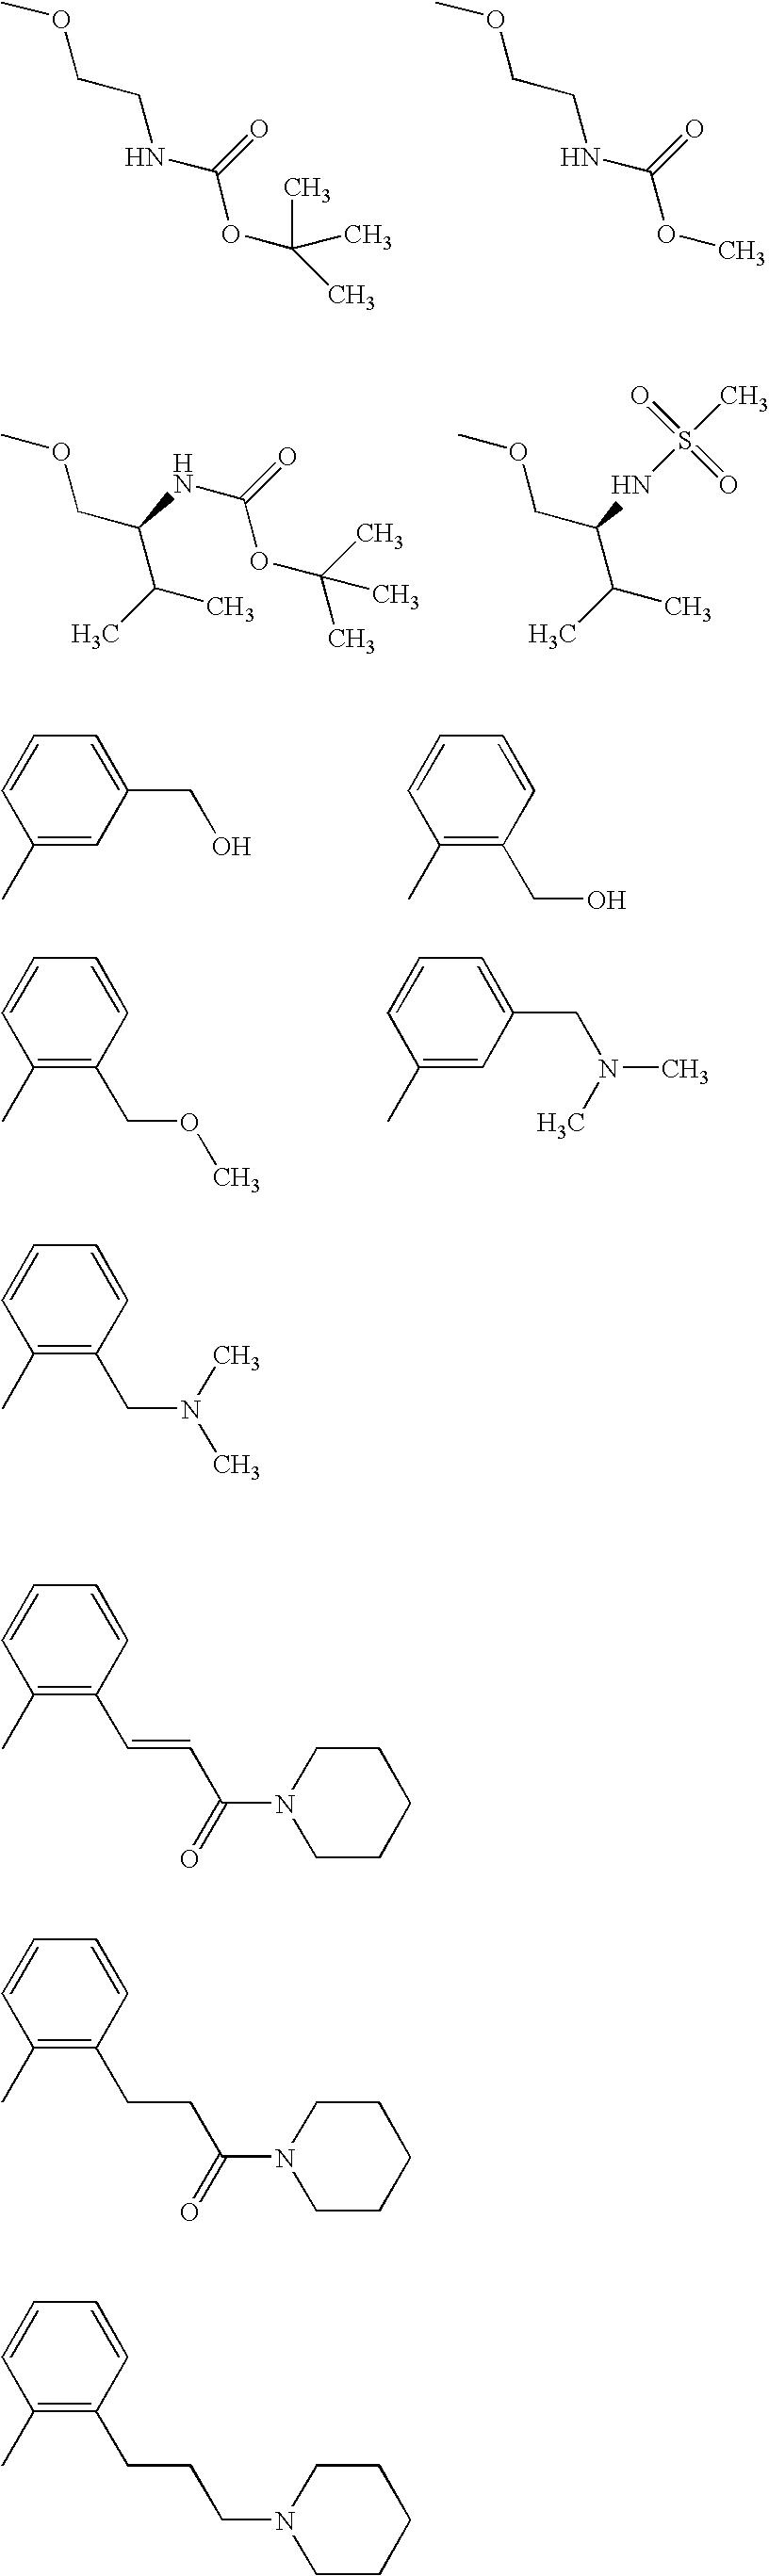 Figure US20070049593A1-20070301-C00210